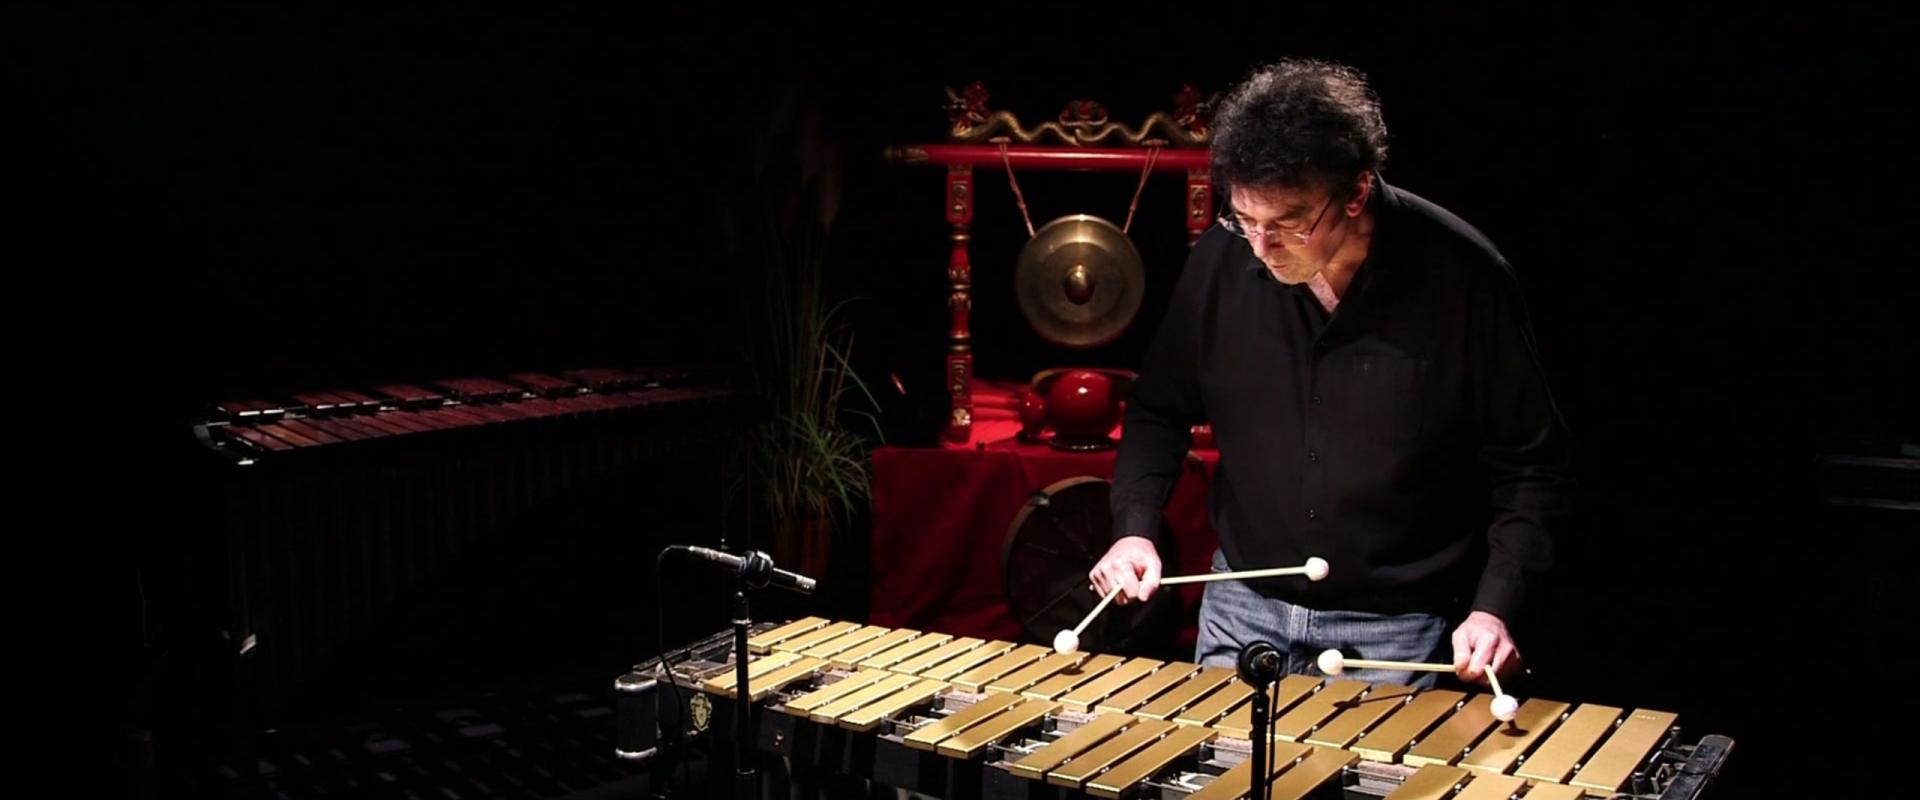 Un homme joue du vibraphone sur un plateau d'enregistrement, on aperçoit un bong indonésien en fond de scène